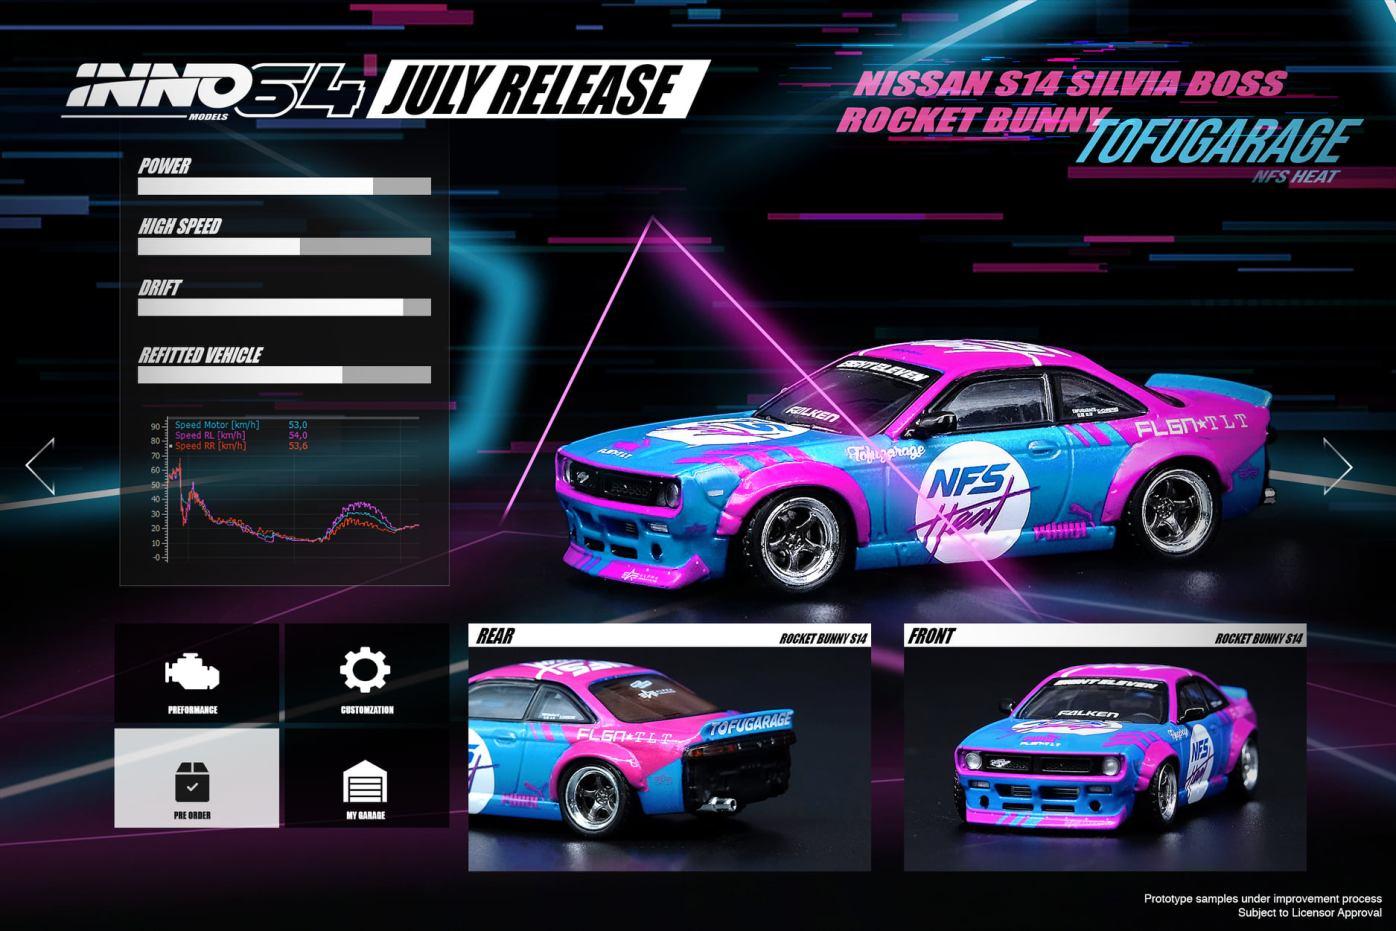 Inno64-X-TofuGarage-Nissan-Silvia-S14-Rocket-Bunny-Boss-Aero-001